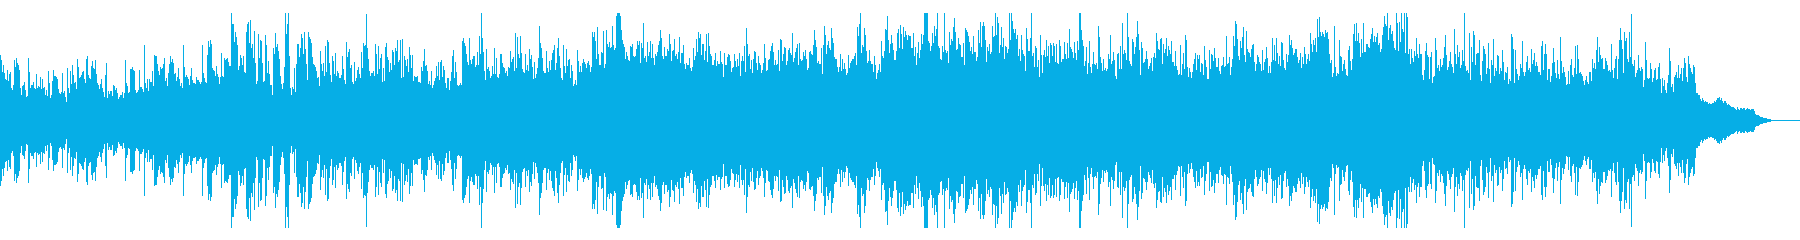 ゆったりしたシネマティックIDMの再生済みの波形